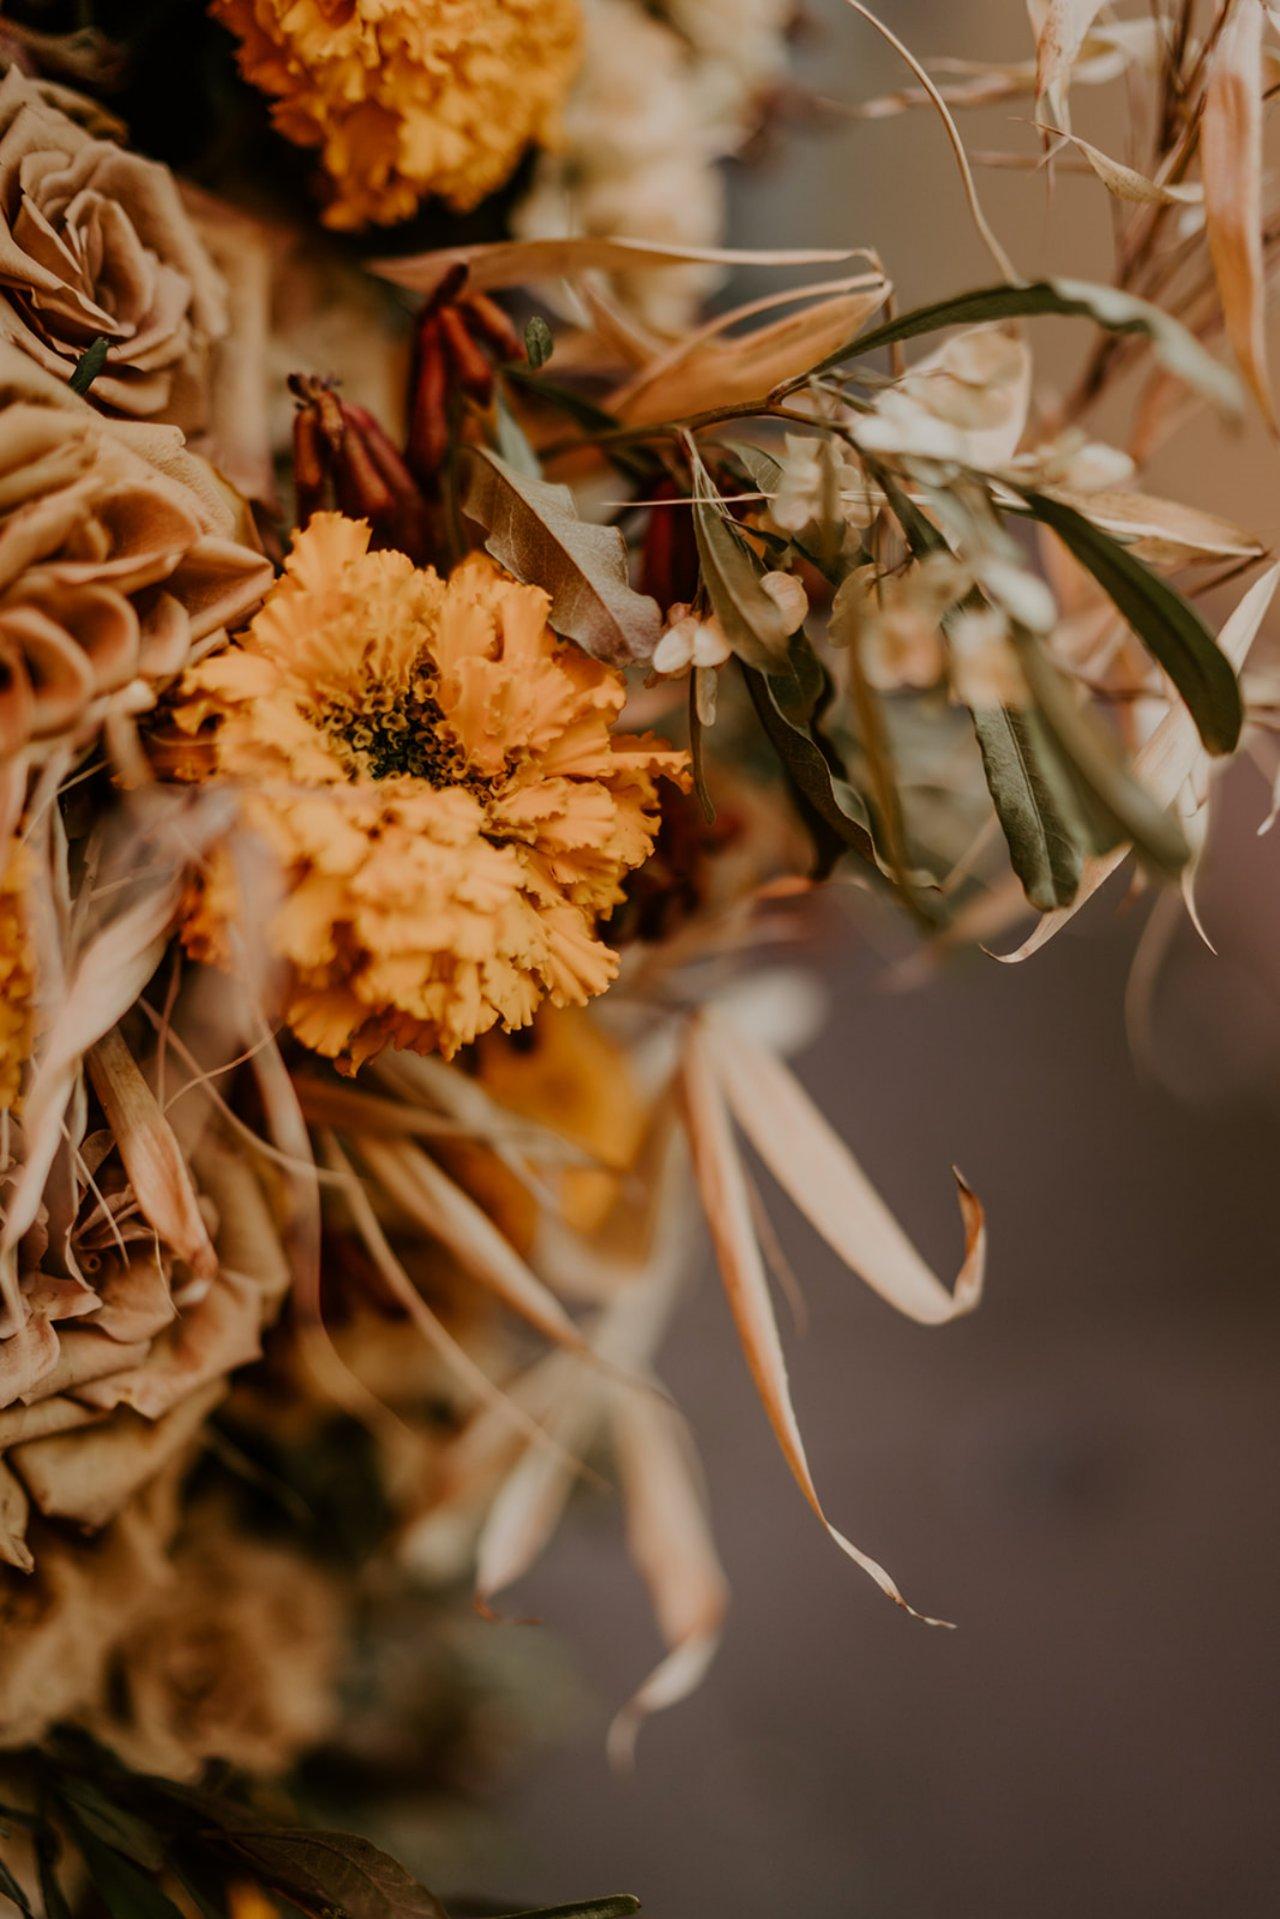 Les compositions de l'atelier aimer lors du mariage de Camille inspiré par l' atelier wedding. Une belle composition floral de couleur ocre.